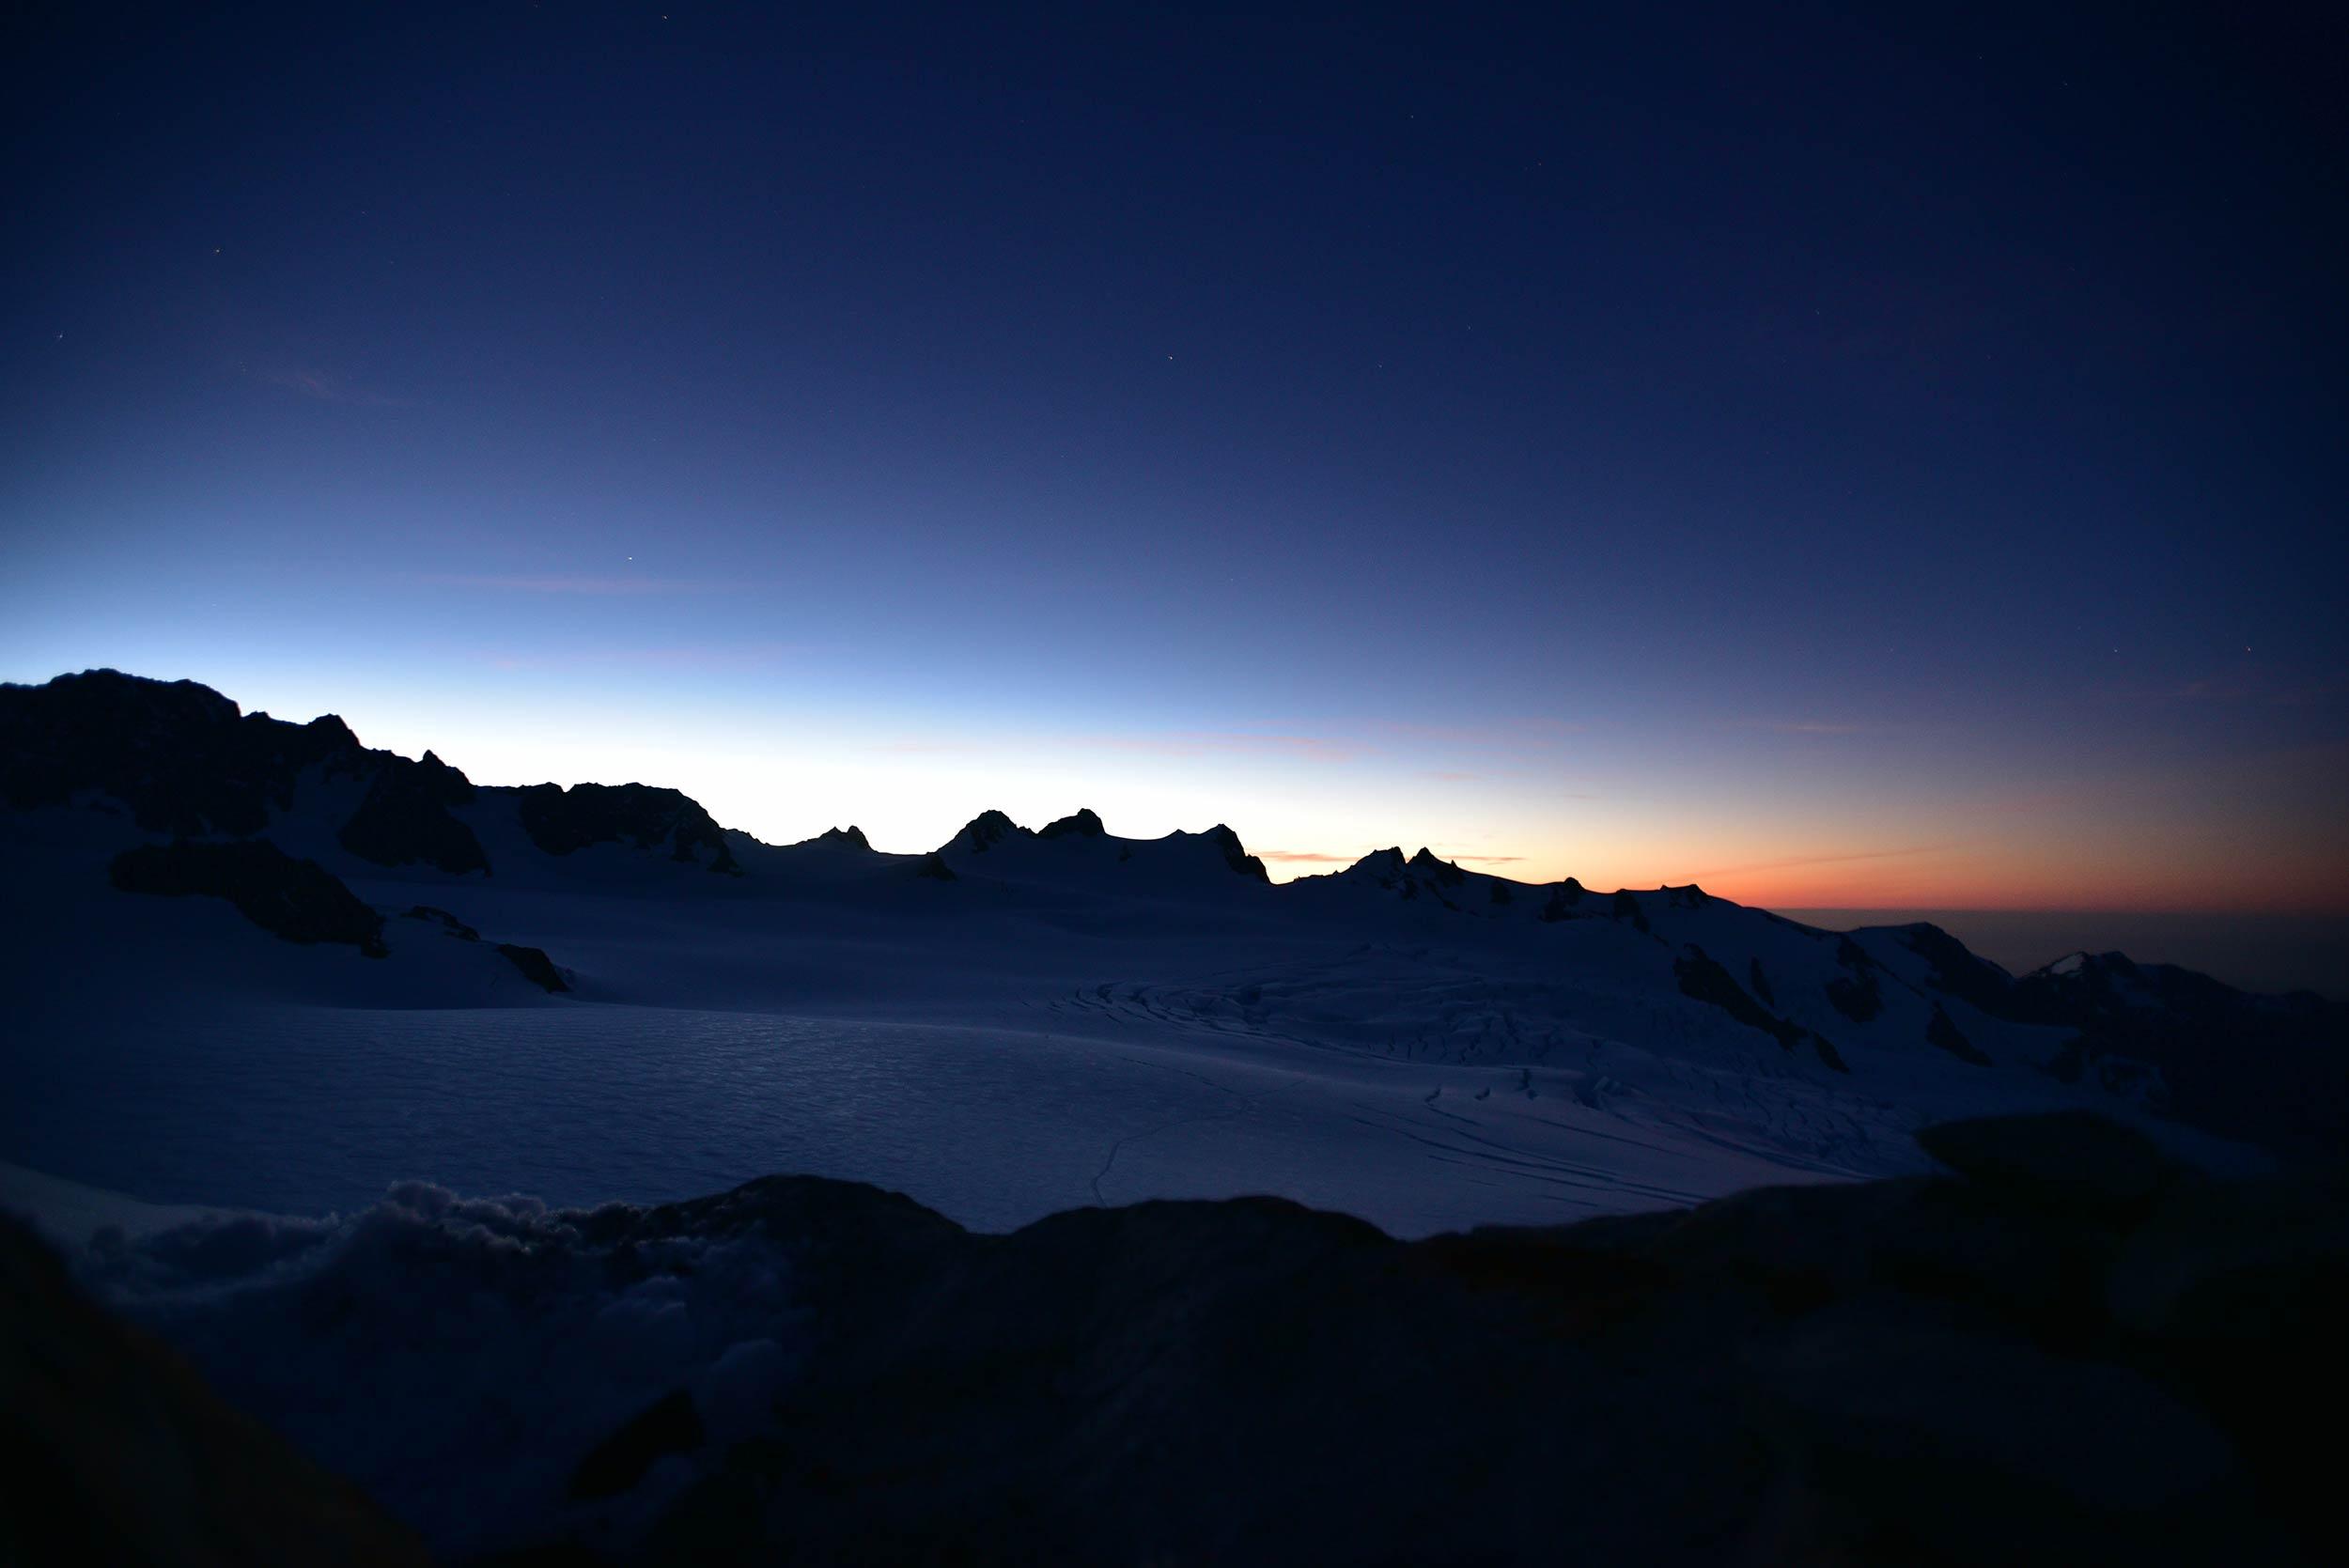 franz_josef_glacier_centennial_hut_sunset.jpg